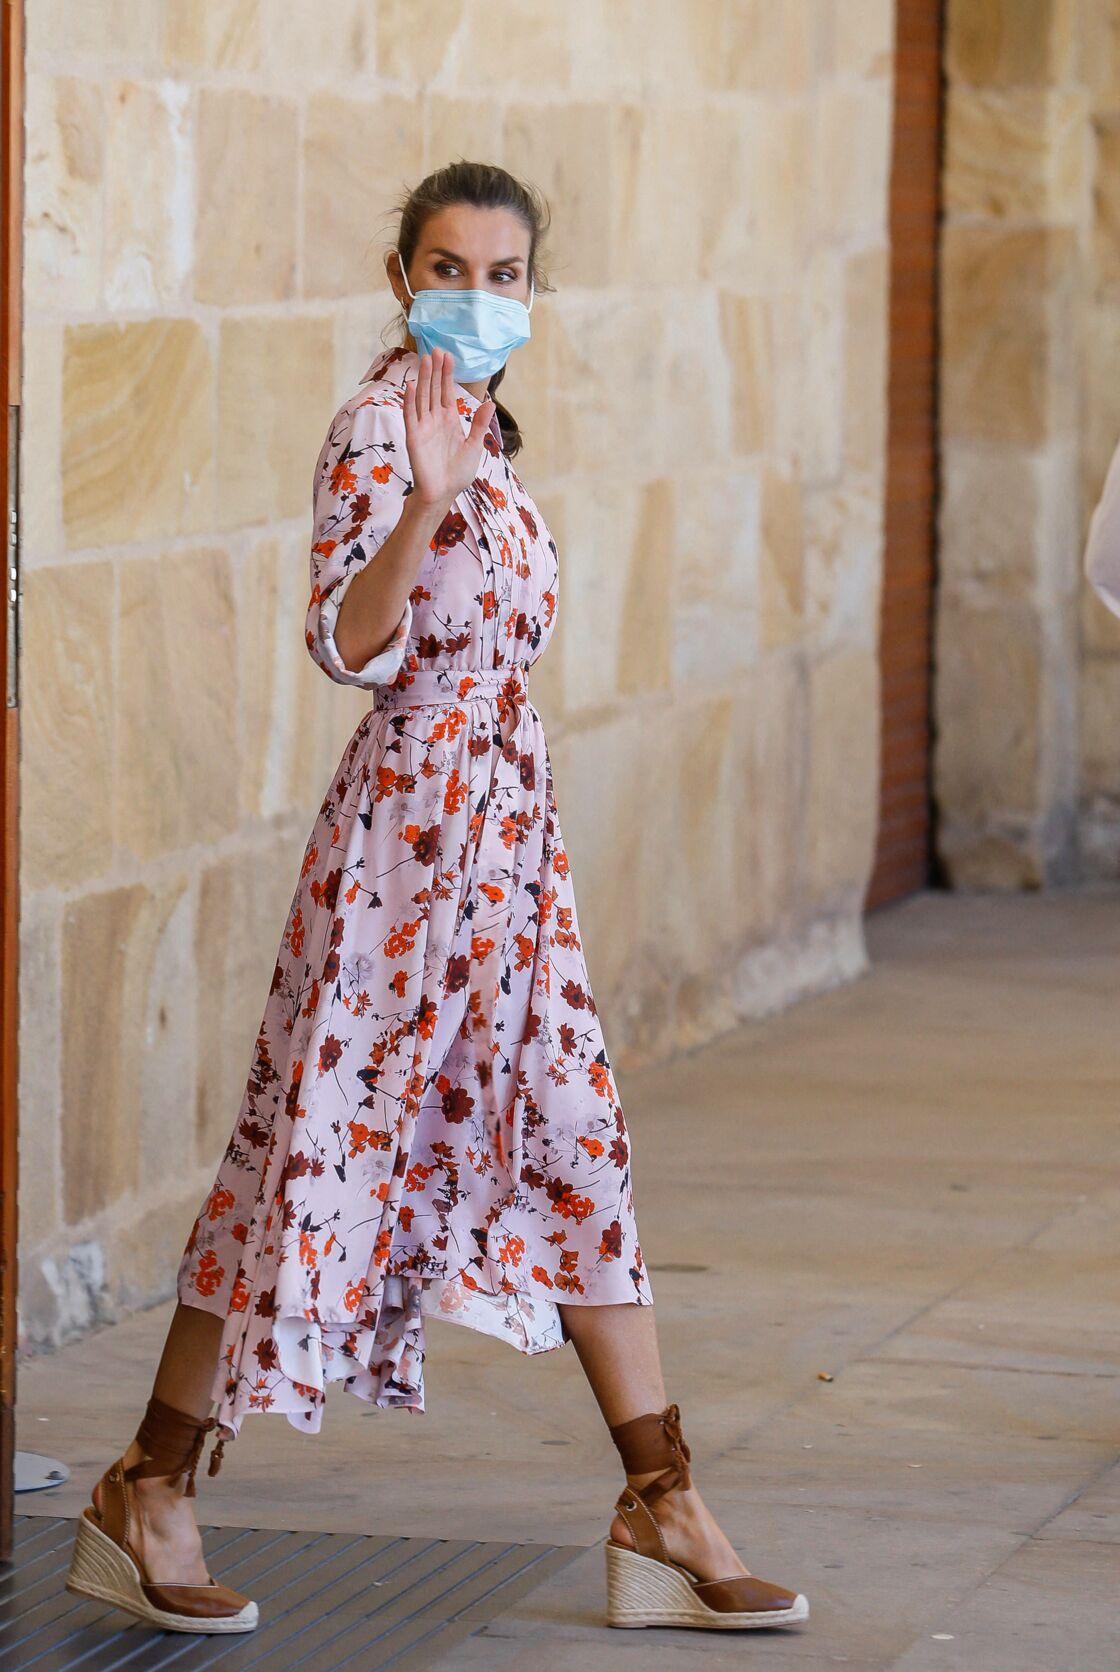 Letizia d'Espagne et sa robe fleurie Hugo Boss, qu'elle porte souvent.